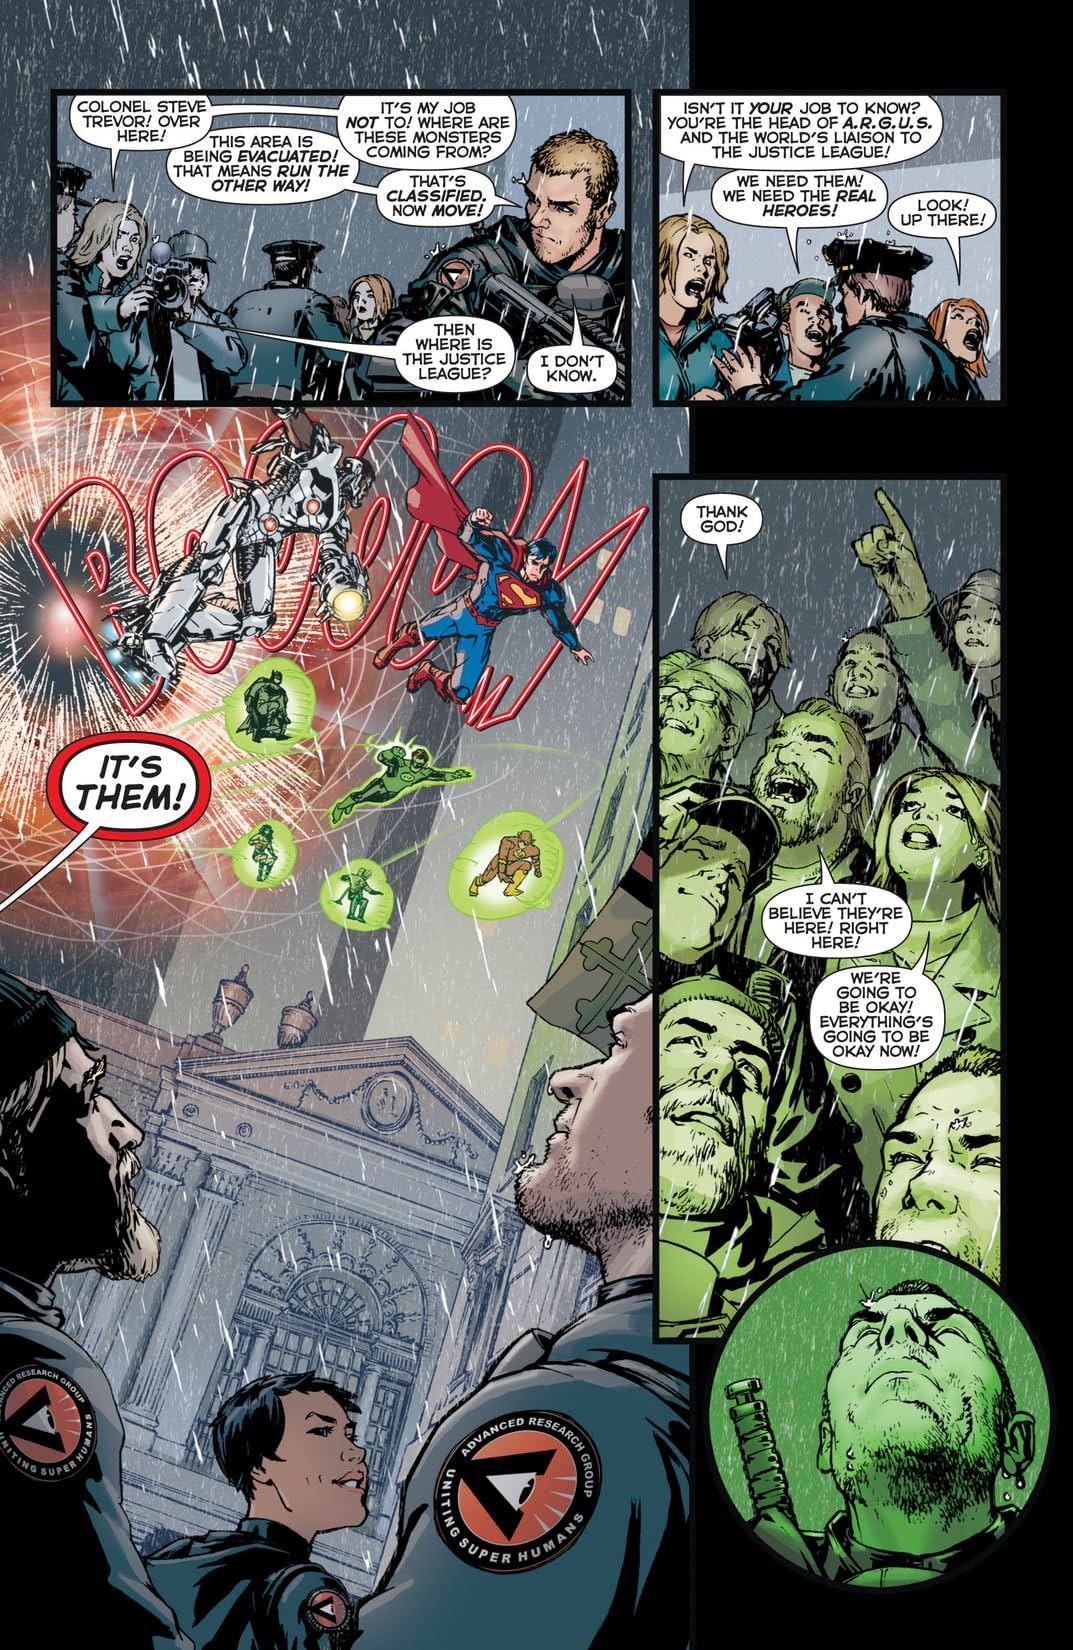 Justice League (2011-2016) Vol. 2: The Villain's Journey